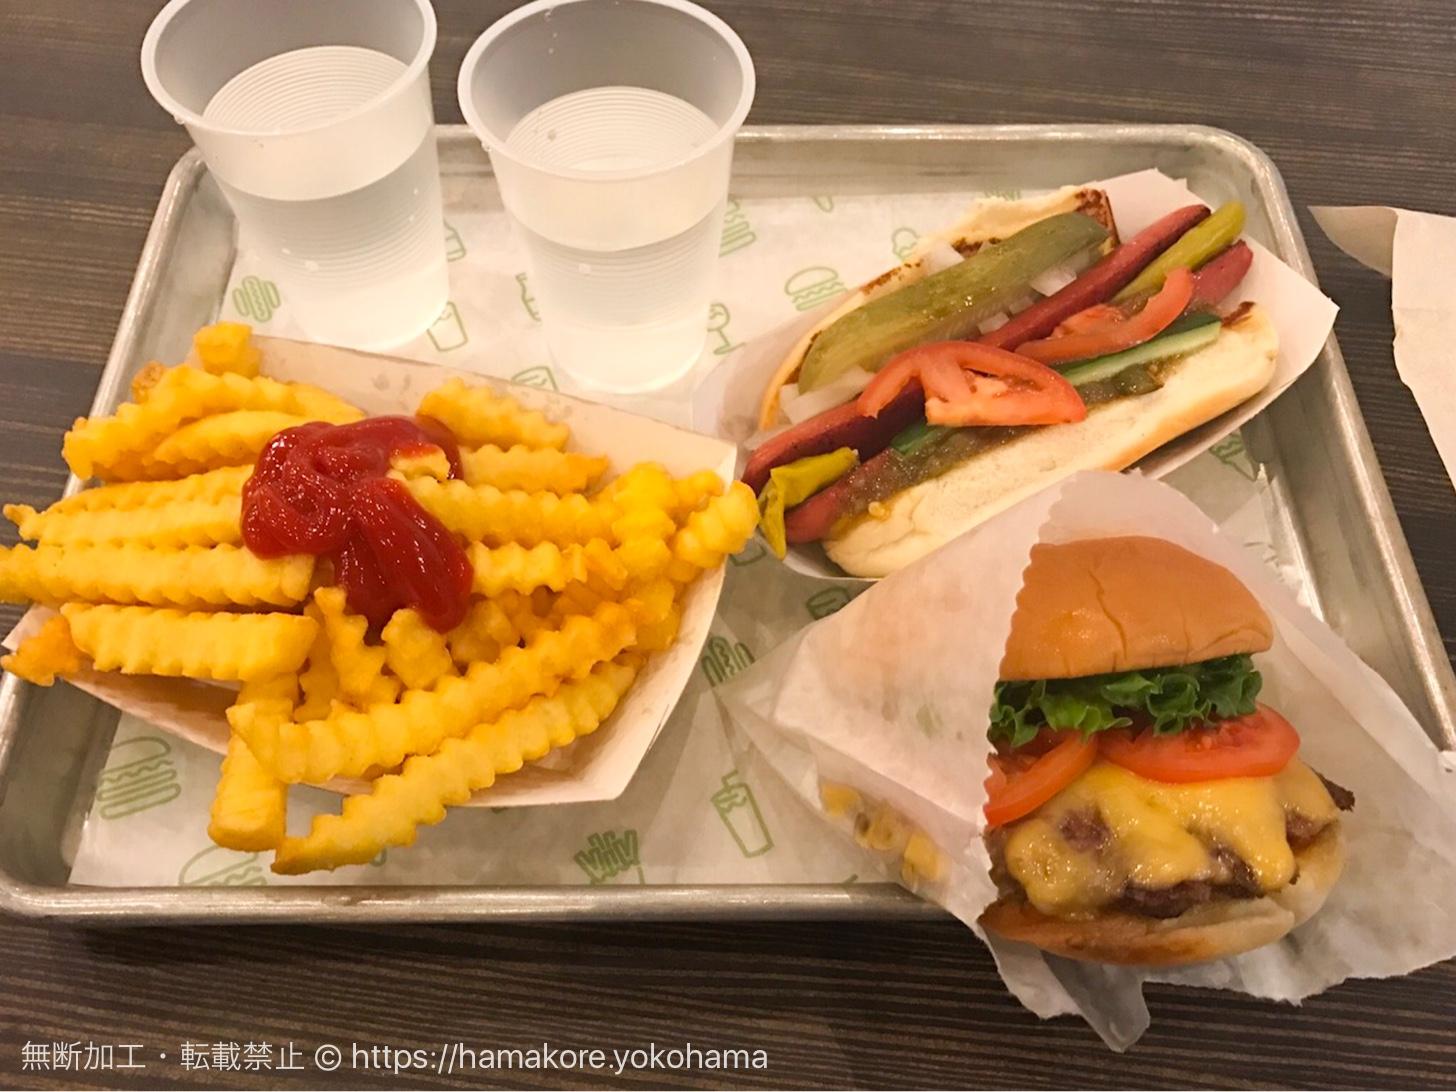 シェイク シャックが横浜みなとみらいに今秋オープン!NY発のハンバーガーレストラン